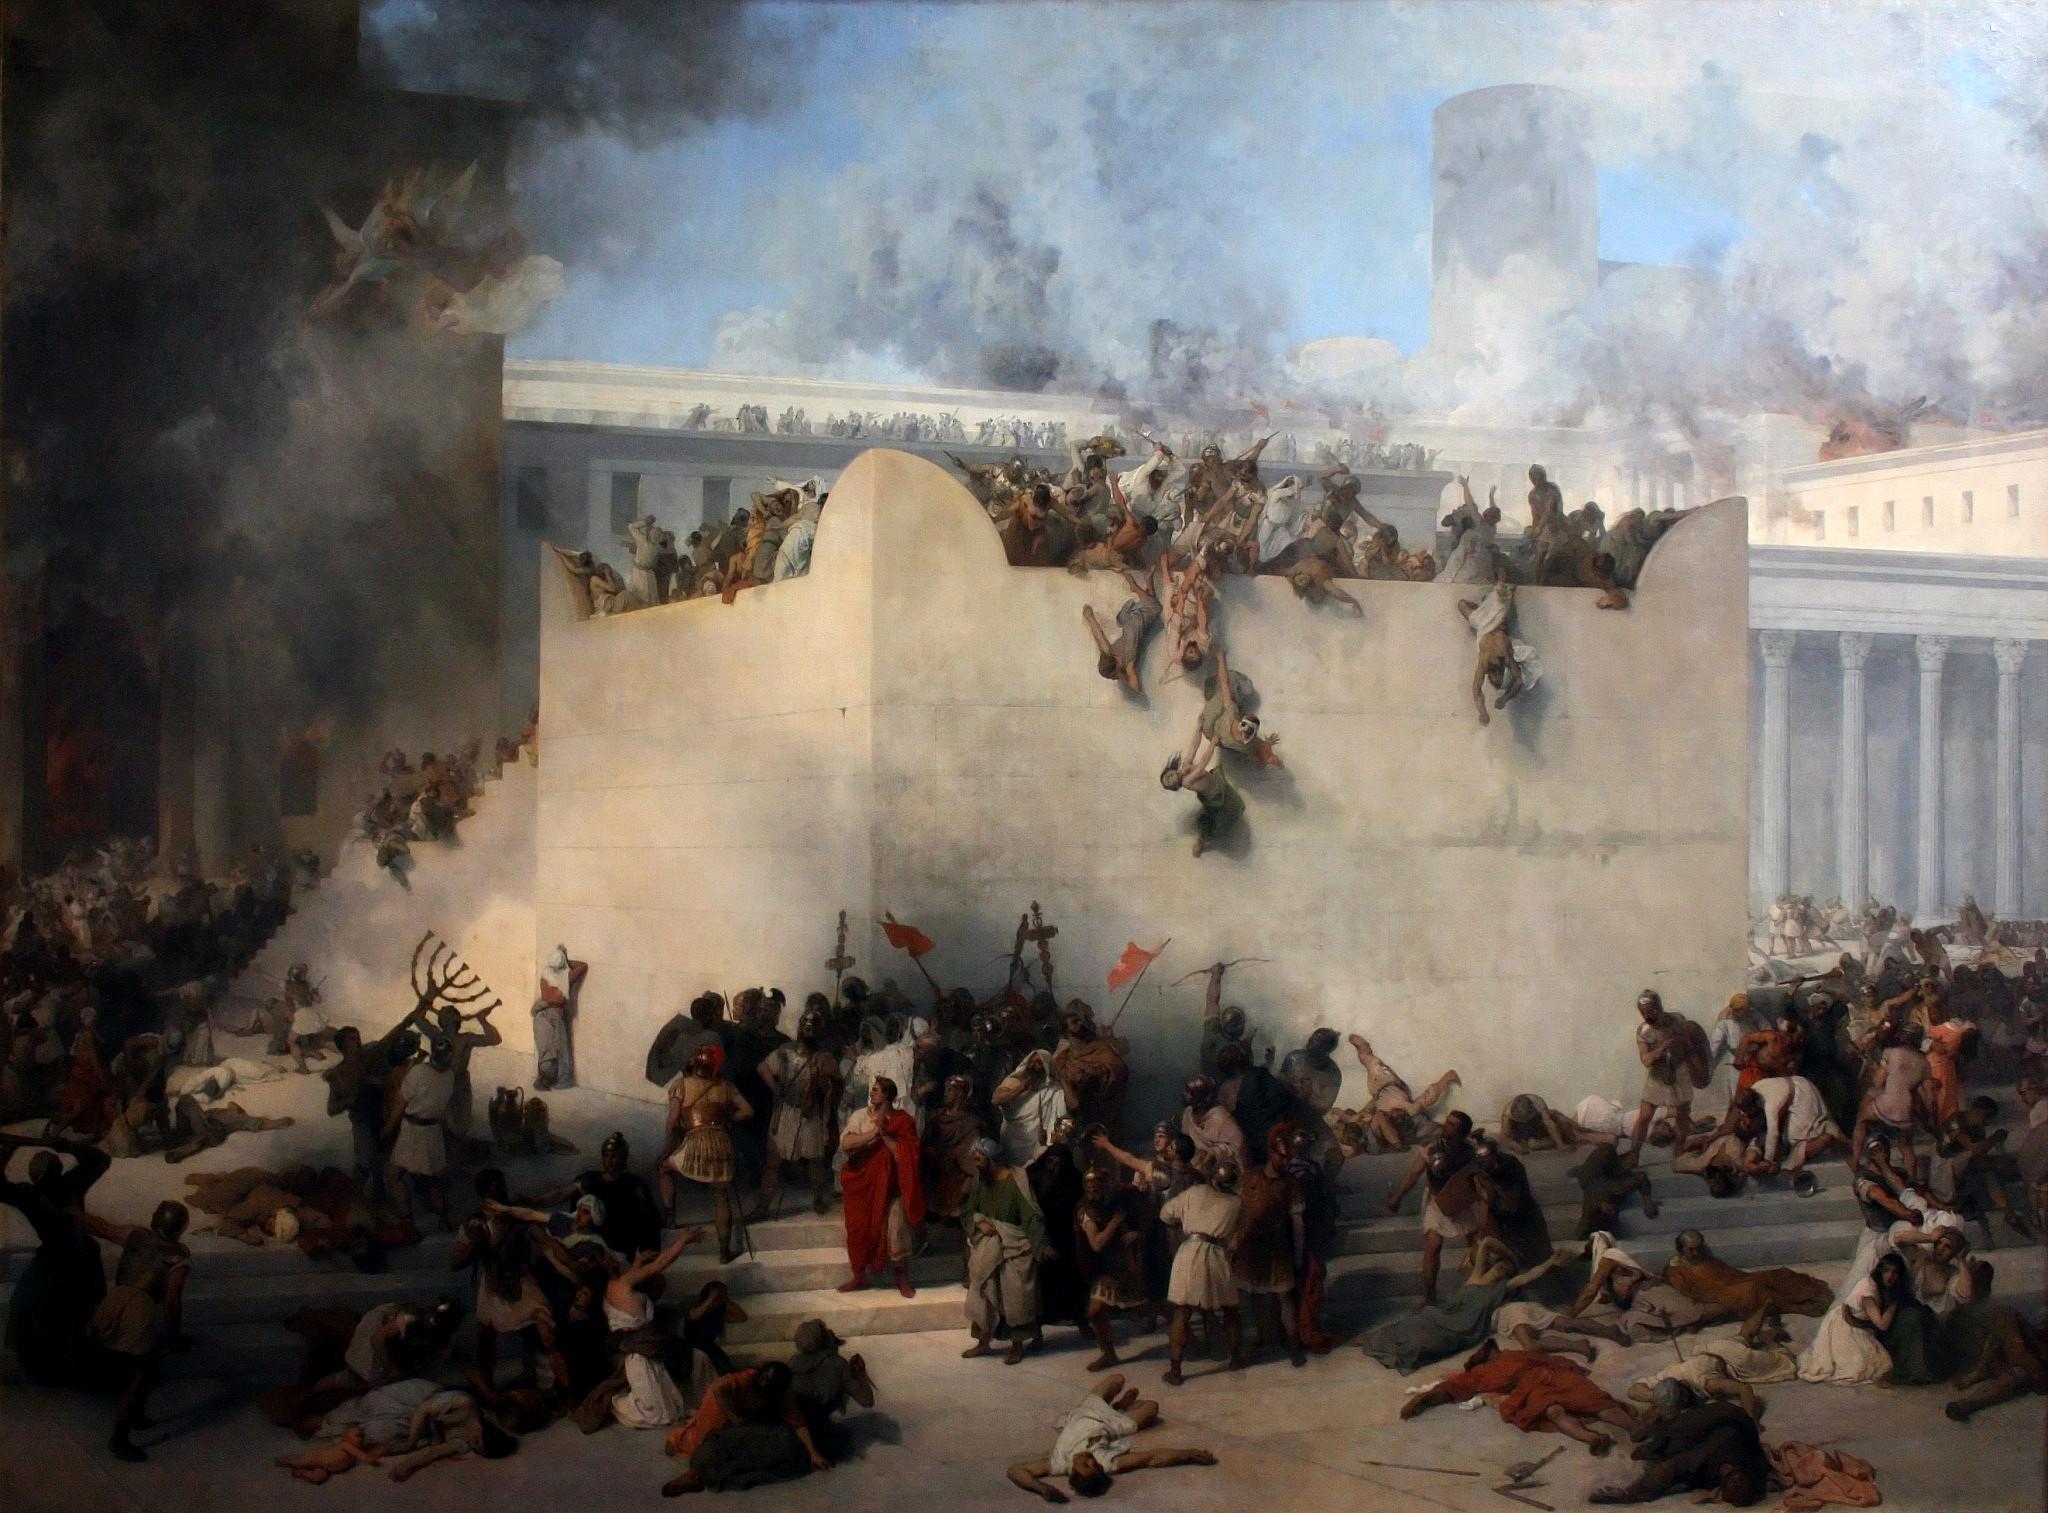 חורבן הבית. ציור מאת פרנצ'סקו אייץ